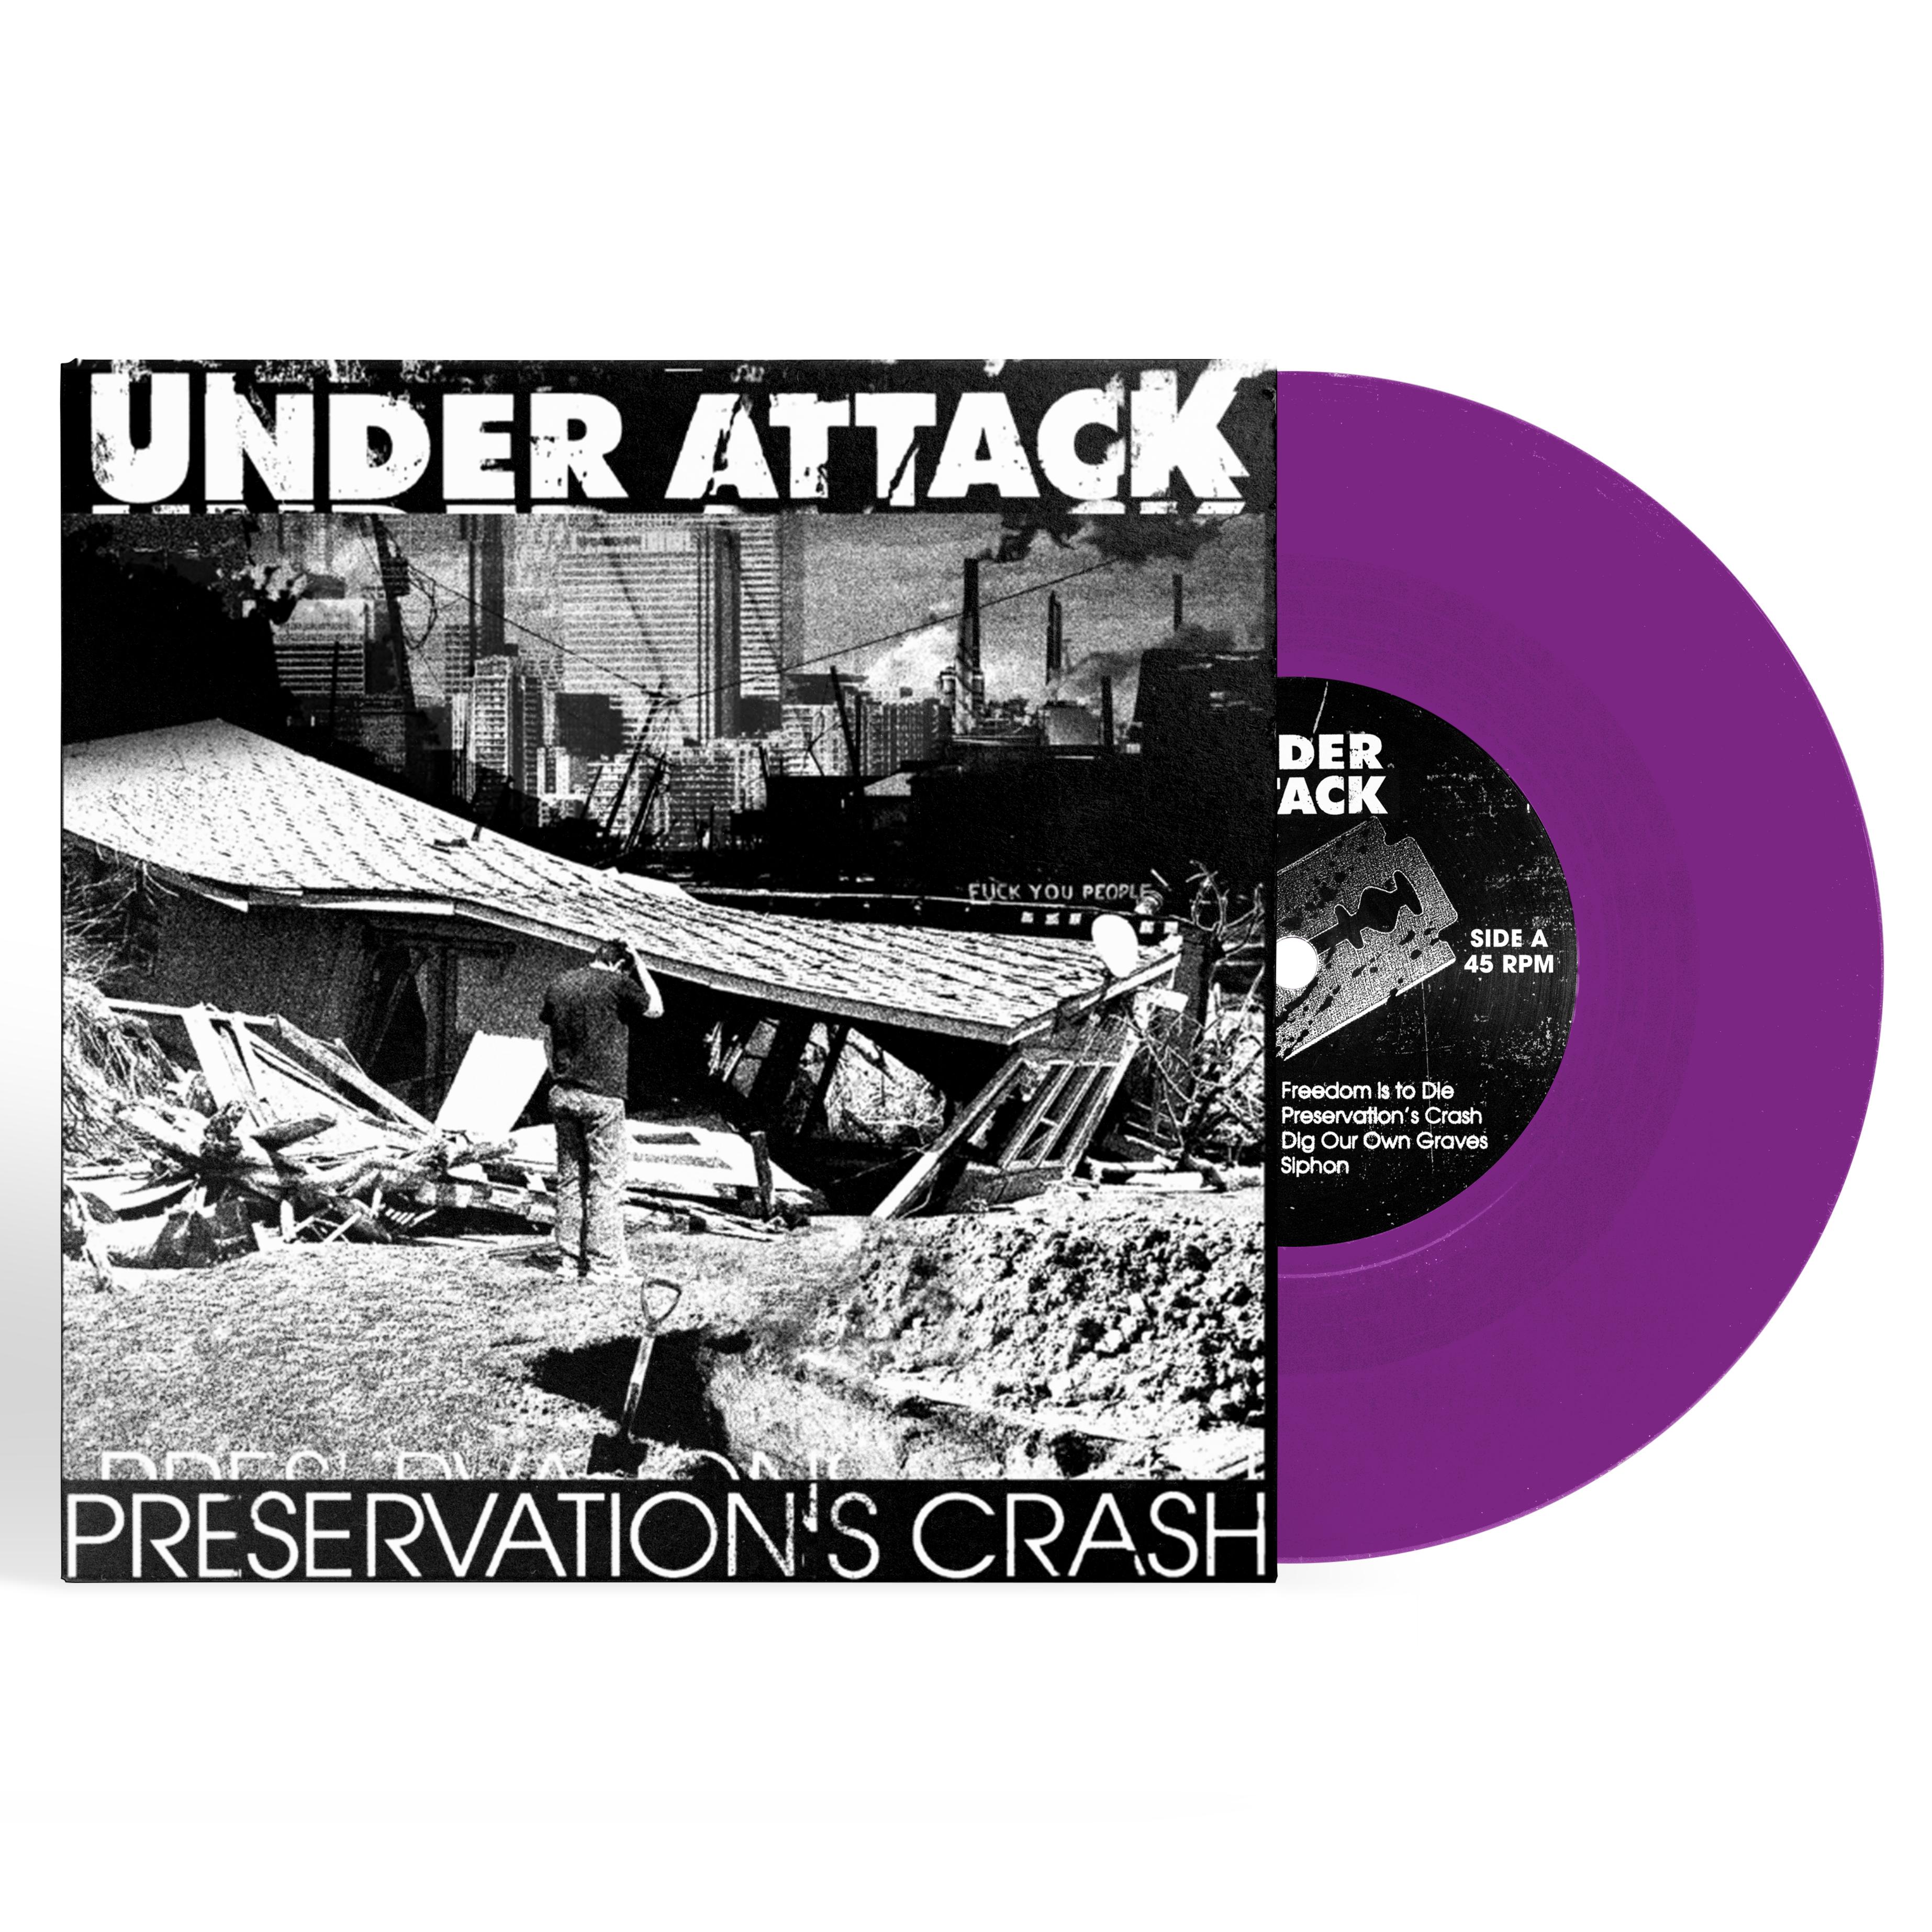 Preservation's Crash 7